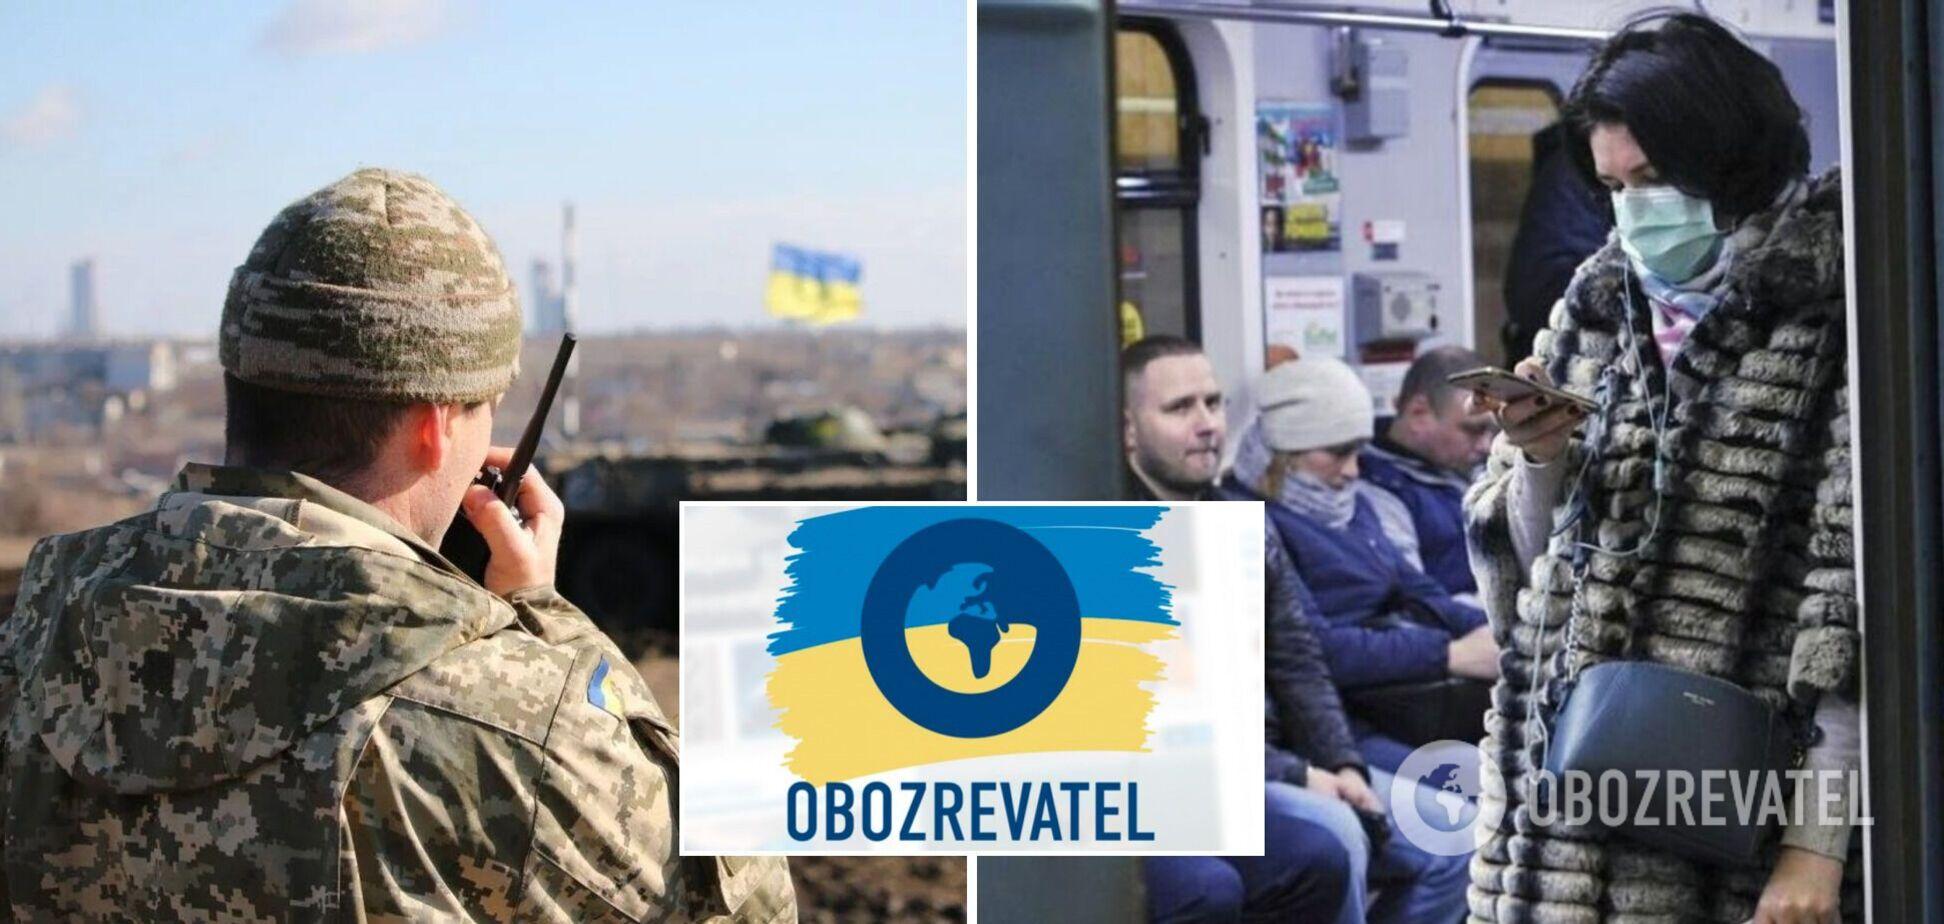 Новини України: в Києві ввели суворий карантин, на Донбасі загинув боєць ЗСУ